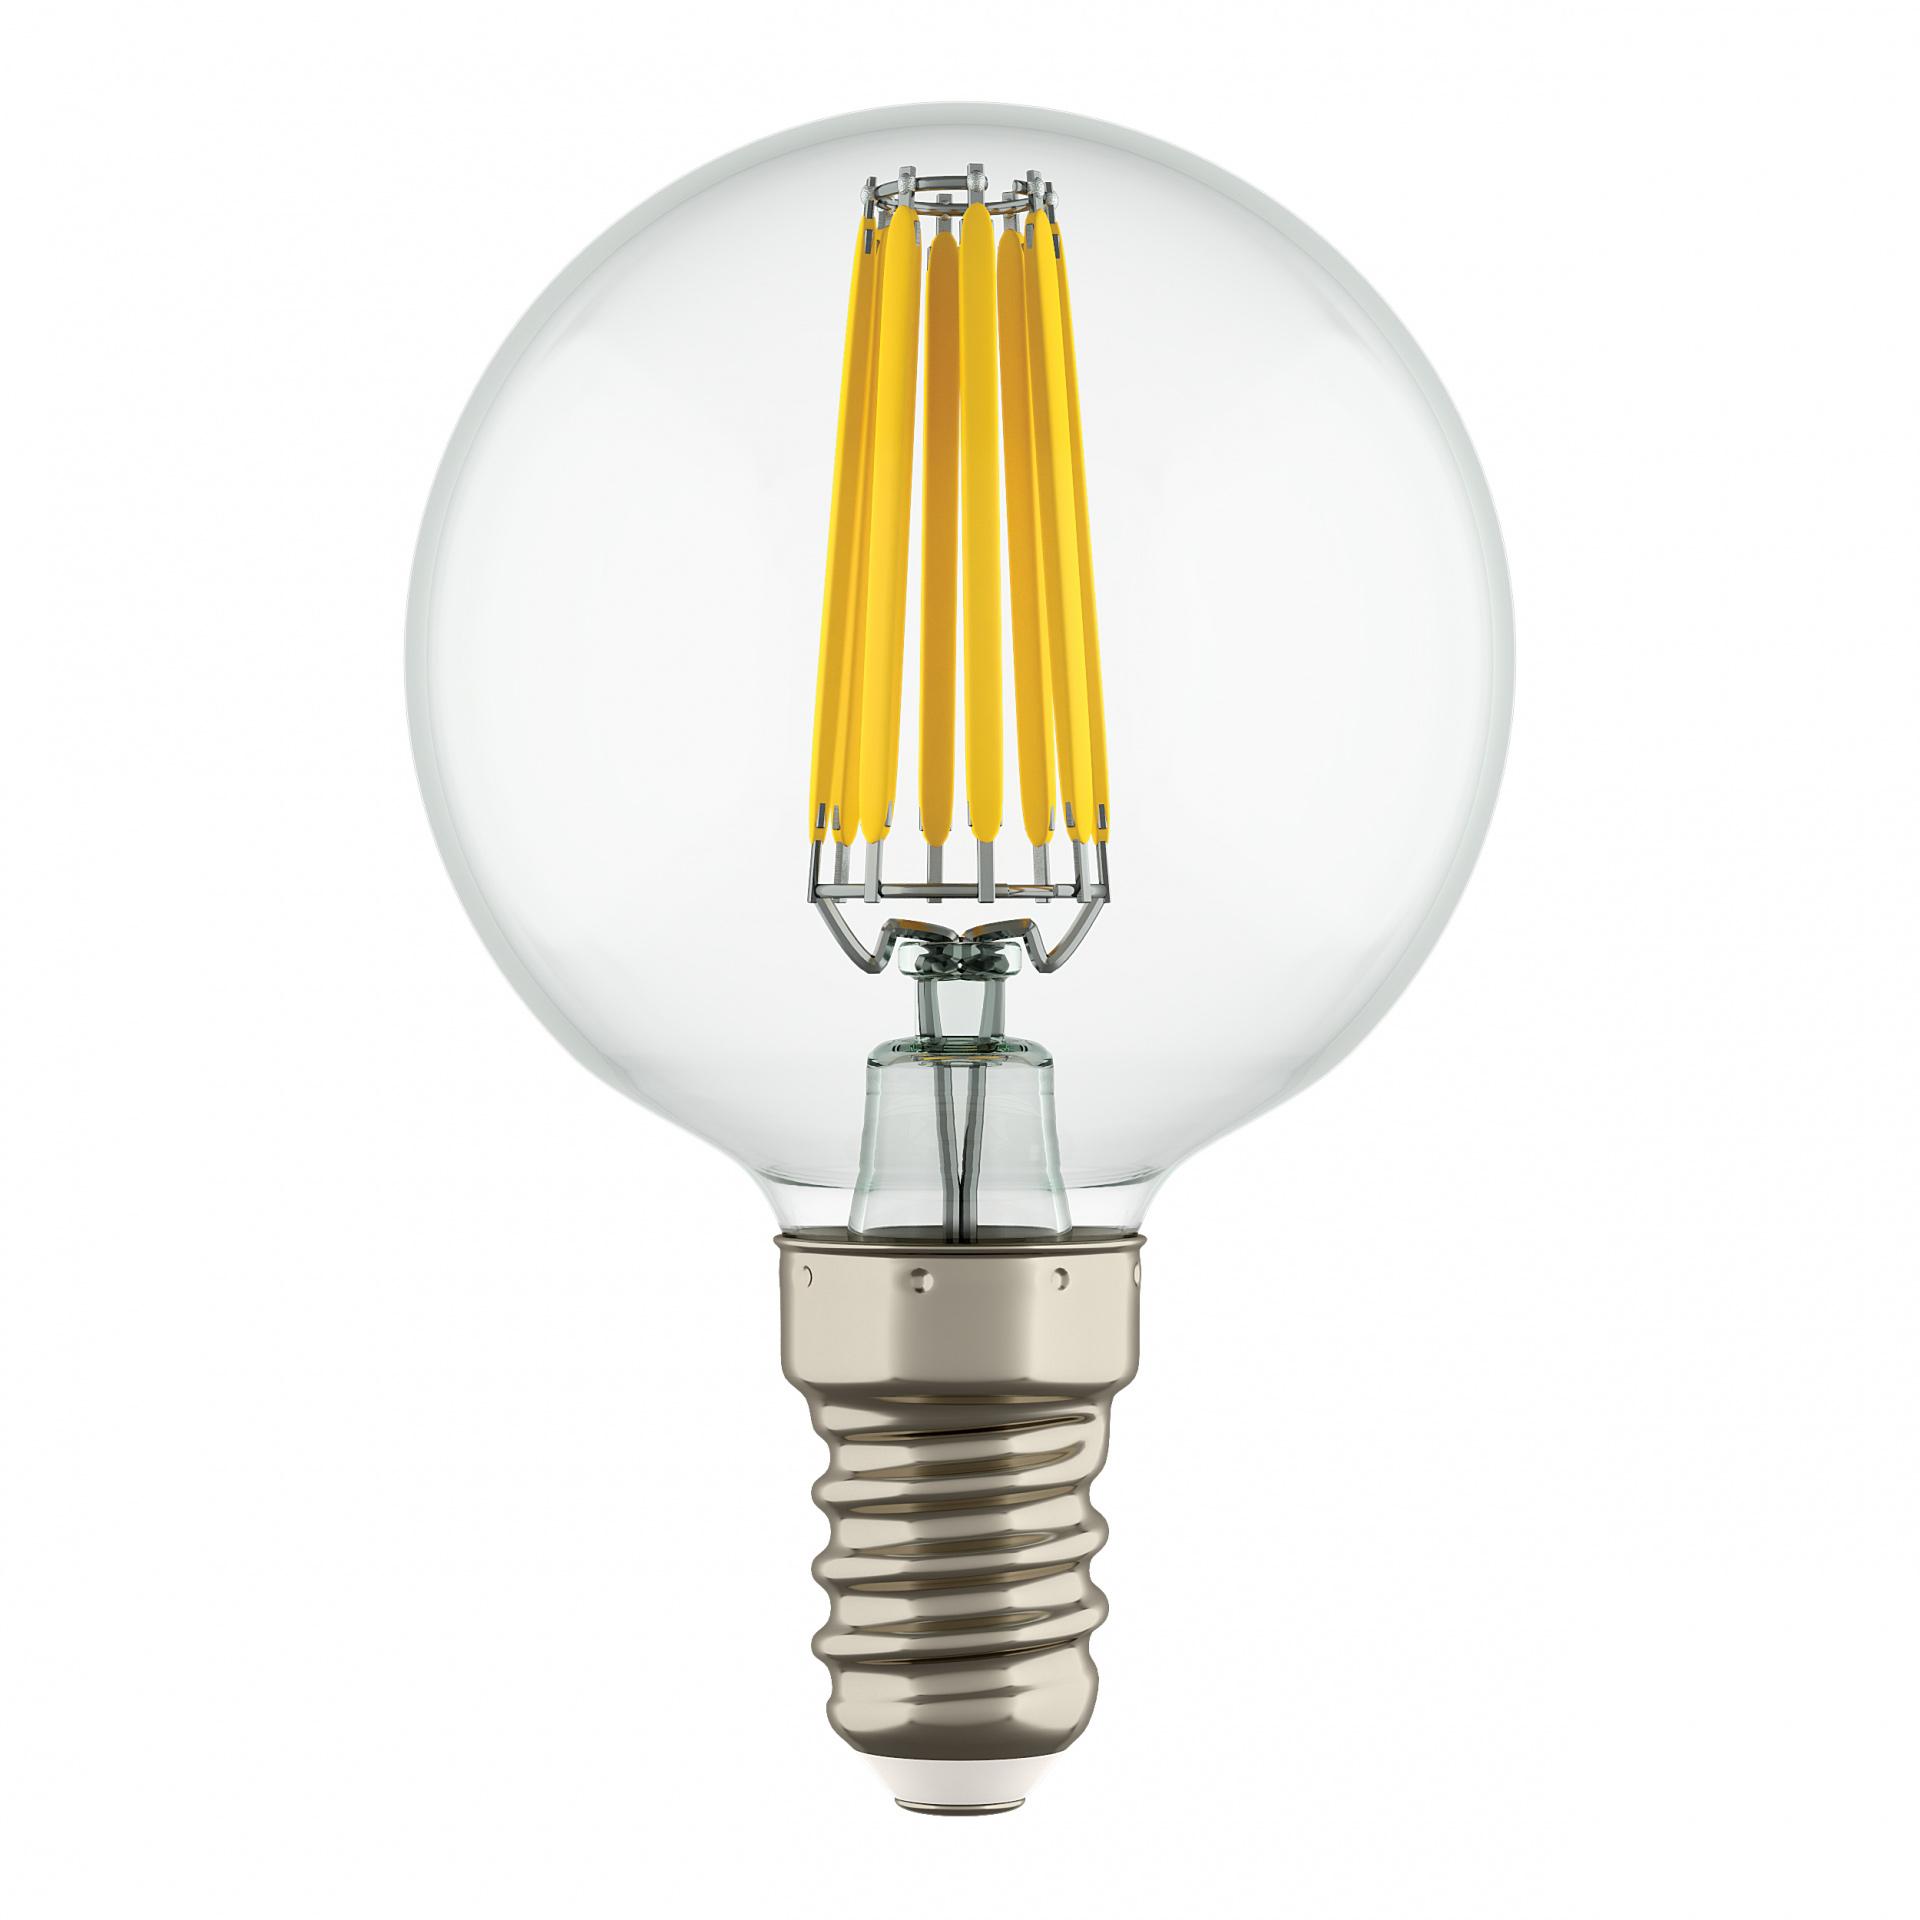 Лампа LED Filament 220V G50 E14 6W=65W 400-430LM 360G CL 4000K 30000H Lightstar 933804, купить в СПб, Москве, с доставкой, Санкт-Петербург, интернет-магазин люстр и светильников Starlight, фото в жизни